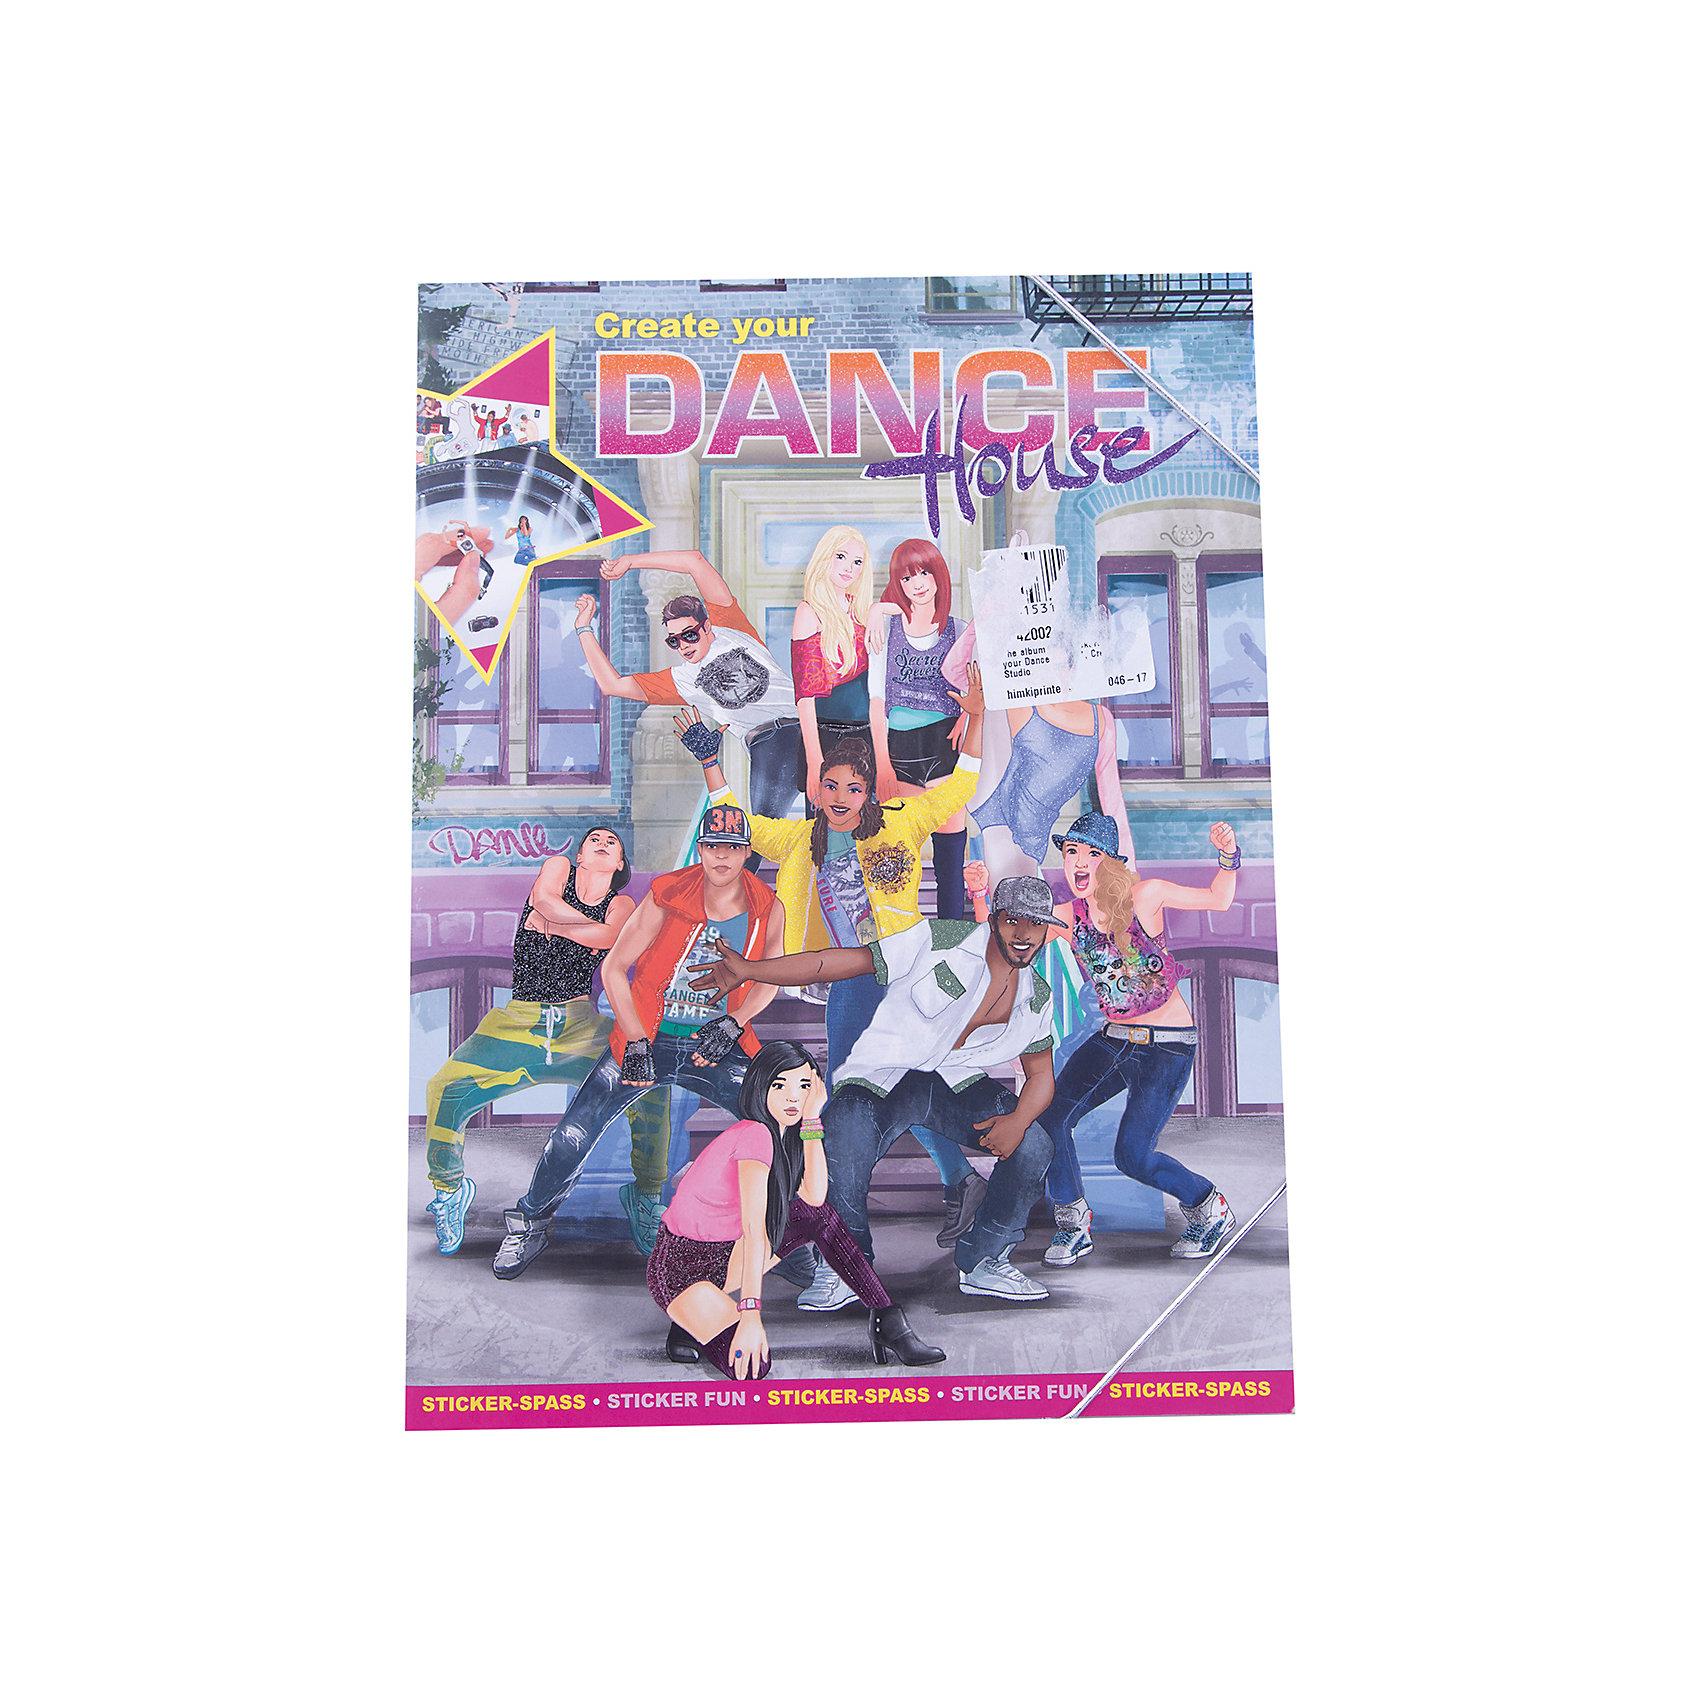 Альбом с наклейками Create your Dance House, Creative StudioКнижки с наклейками<br>Альбом с наклейками Create your Dance House, Creative Studio<br><br>Характеристики:<br><br>• В комплекте: раскраска, 3 листа с наклейками<br>• Возраст: от 3 до 6 лет<br>• Количество страниц: 24<br>• Размер: 33х25<br><br>Этот альбом «Создай свою танцевальную школу» из серии CreativeStudio содержит 24 листа с различными сюжетами из школы танцев, которые должны быть наполнены героями и предметами интерьера. На 4 листах с наклейками ребенок обнаружит украшения для школы, стильные предметы интерьера и многое другое, что позволит сделать собственную танцевальную студию. Эта книга помогает развитию воображения вашего ребенка и его мелкой моторики. <br><br>Альбом с наклейками Create your Dance House, Creative Studio можно купить в нашем интернет-магазине.<br><br>Ширина мм: 335<br>Глубина мм: 256<br>Высота мм: 20<br>Вес г: 278<br>Возраст от месяцев: 60<br>Возраст до месяцев: 108<br>Пол: Женский<br>Возраст: Детский<br>SKU: 4200235